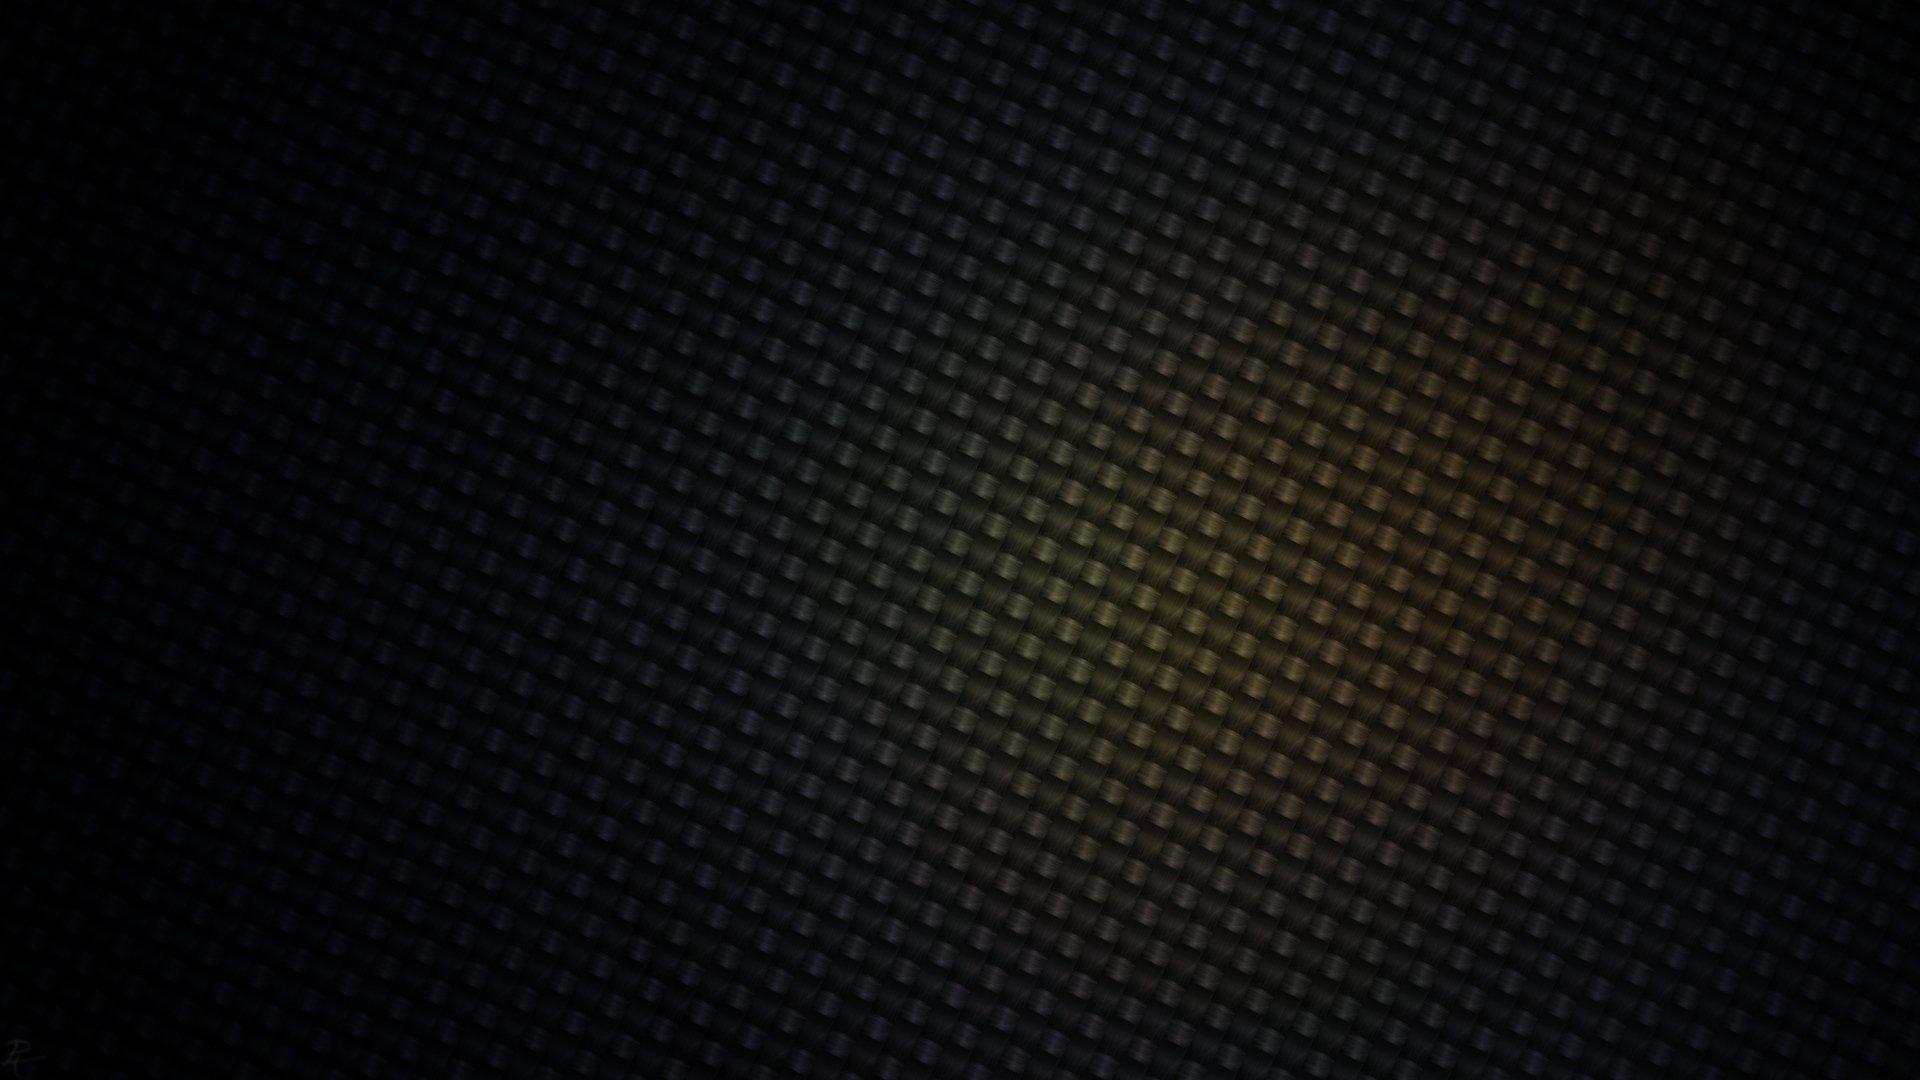 Carbon Fiber Background 4K HD Desktop Wallpaper for 4K